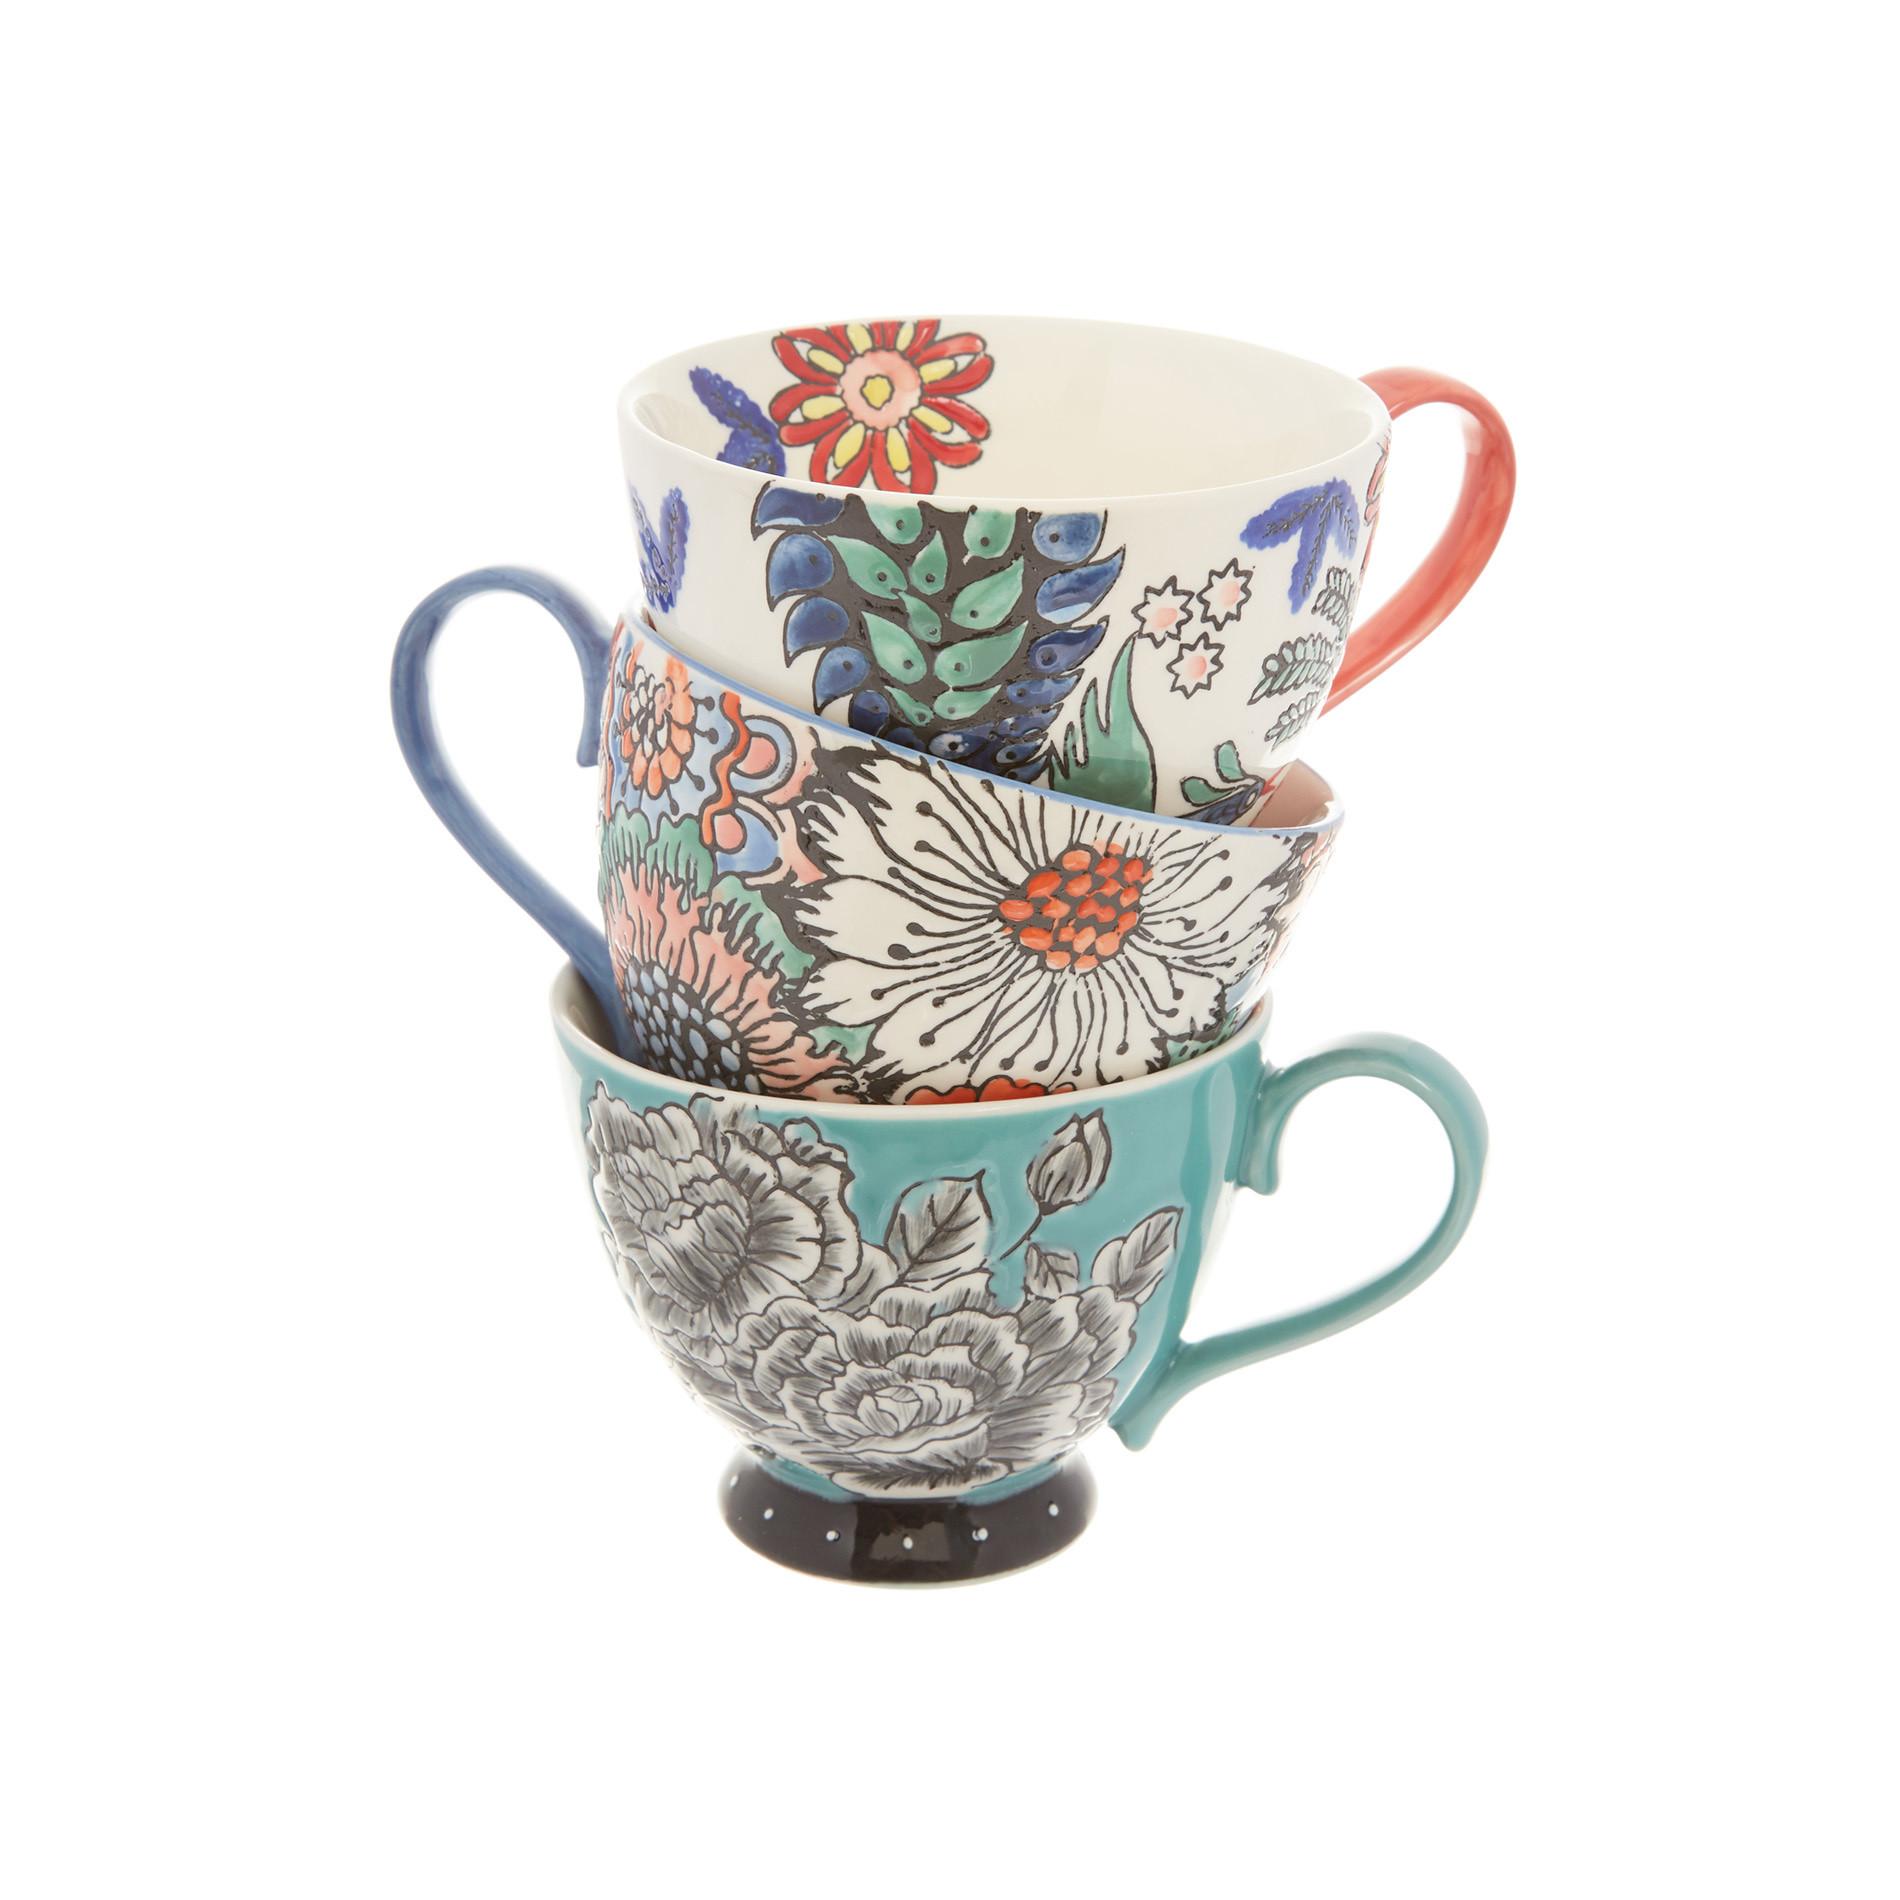 Tazza da colazione stoneware dipinta a mano, Multicolor, large image number 2